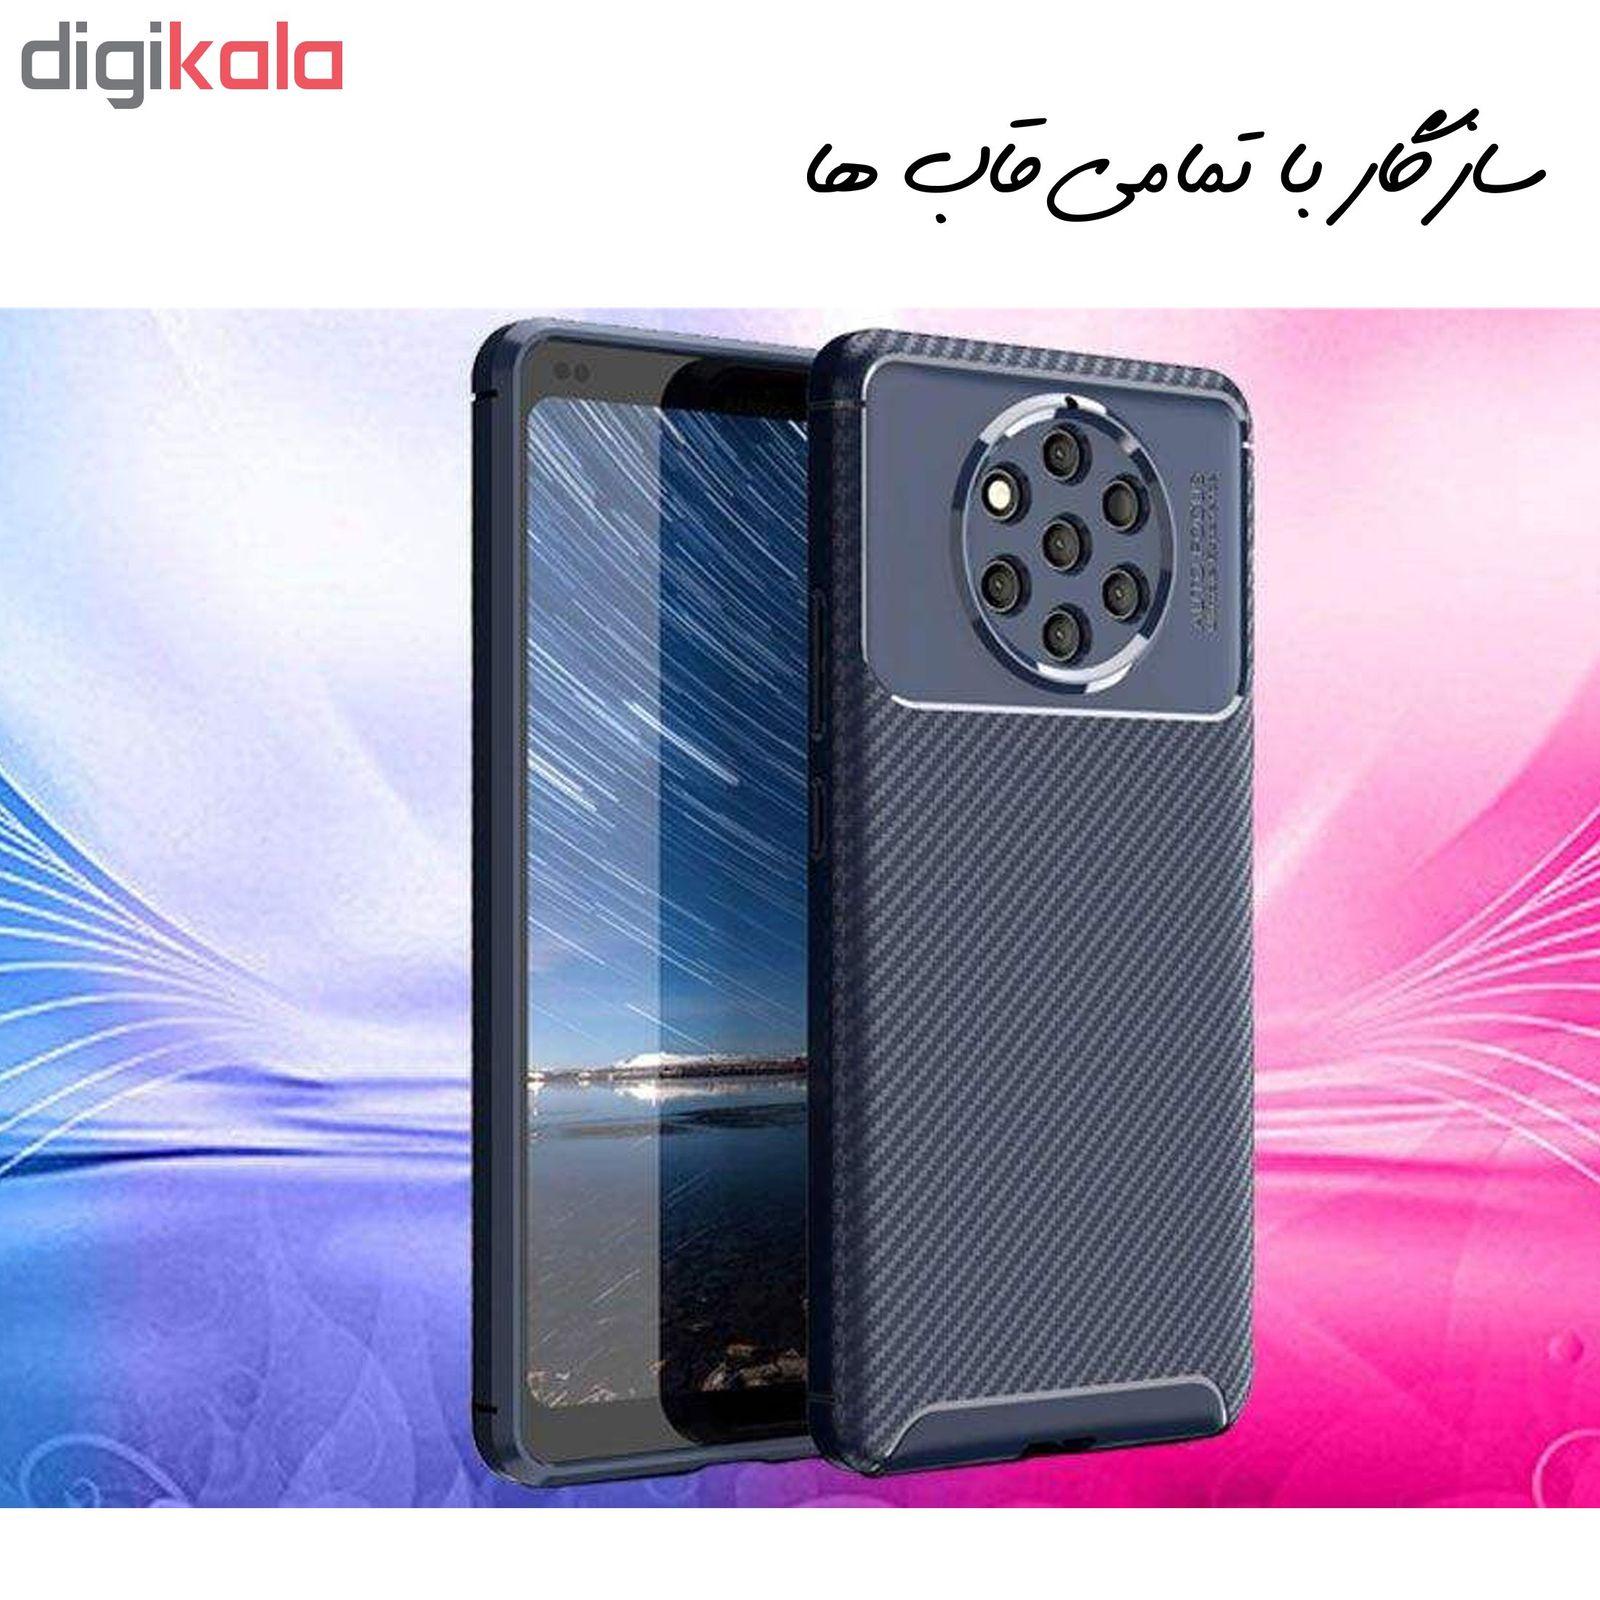 محافظ صفحه نمایش  و پشت گوشی Hard and Thick مدل F-01 مناسب برای گوشی موبایل اپل Iphone X/Xs main 1 6